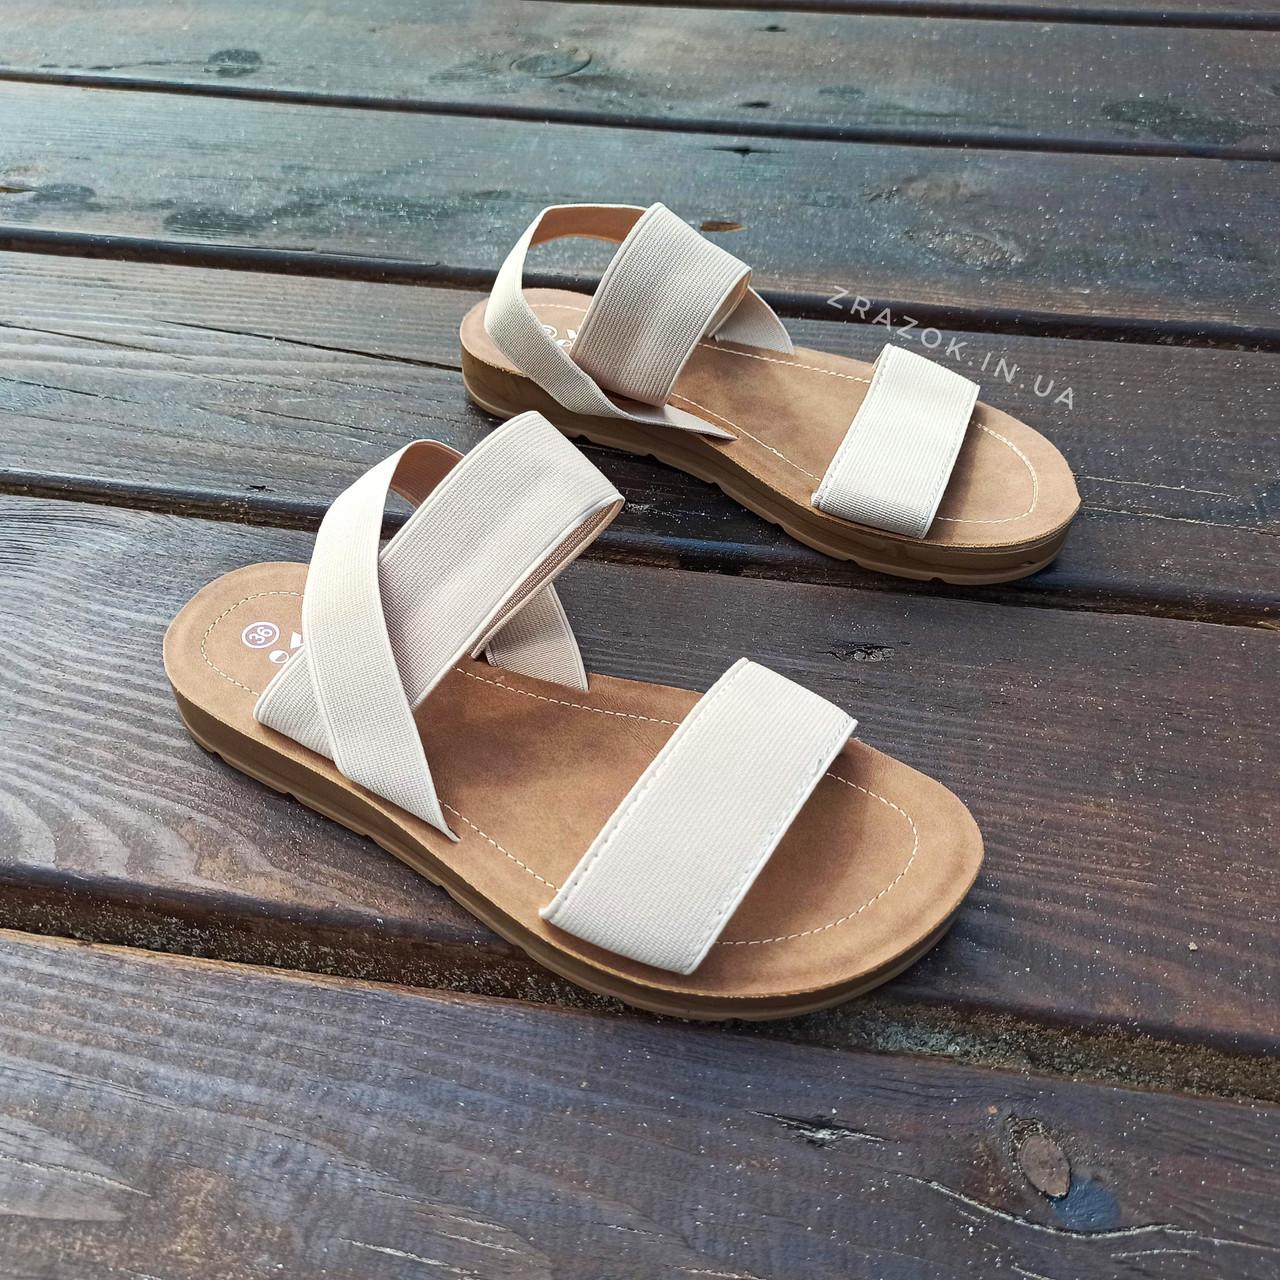 Бежеві босоніжки, шльопанці тапки жіночі сандалі без каблука бежеві босоніжки шльопанці тапки сандалі